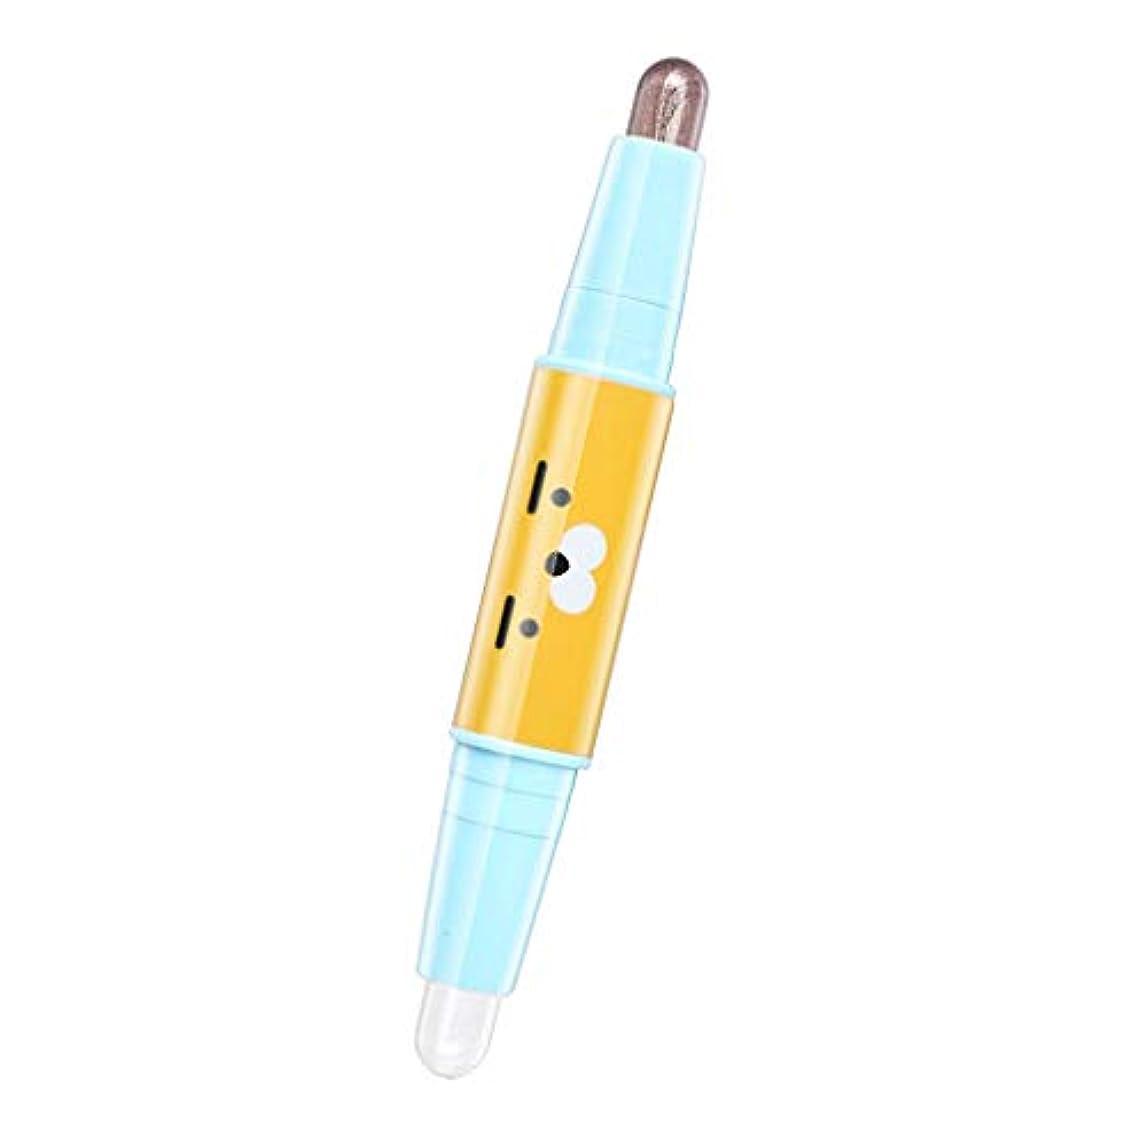 同志真鍮人柄女性 アイシャドー アイシャドウ アイシャドウスティック アイシャドウペン キラキラ 防水 全6色 - 05